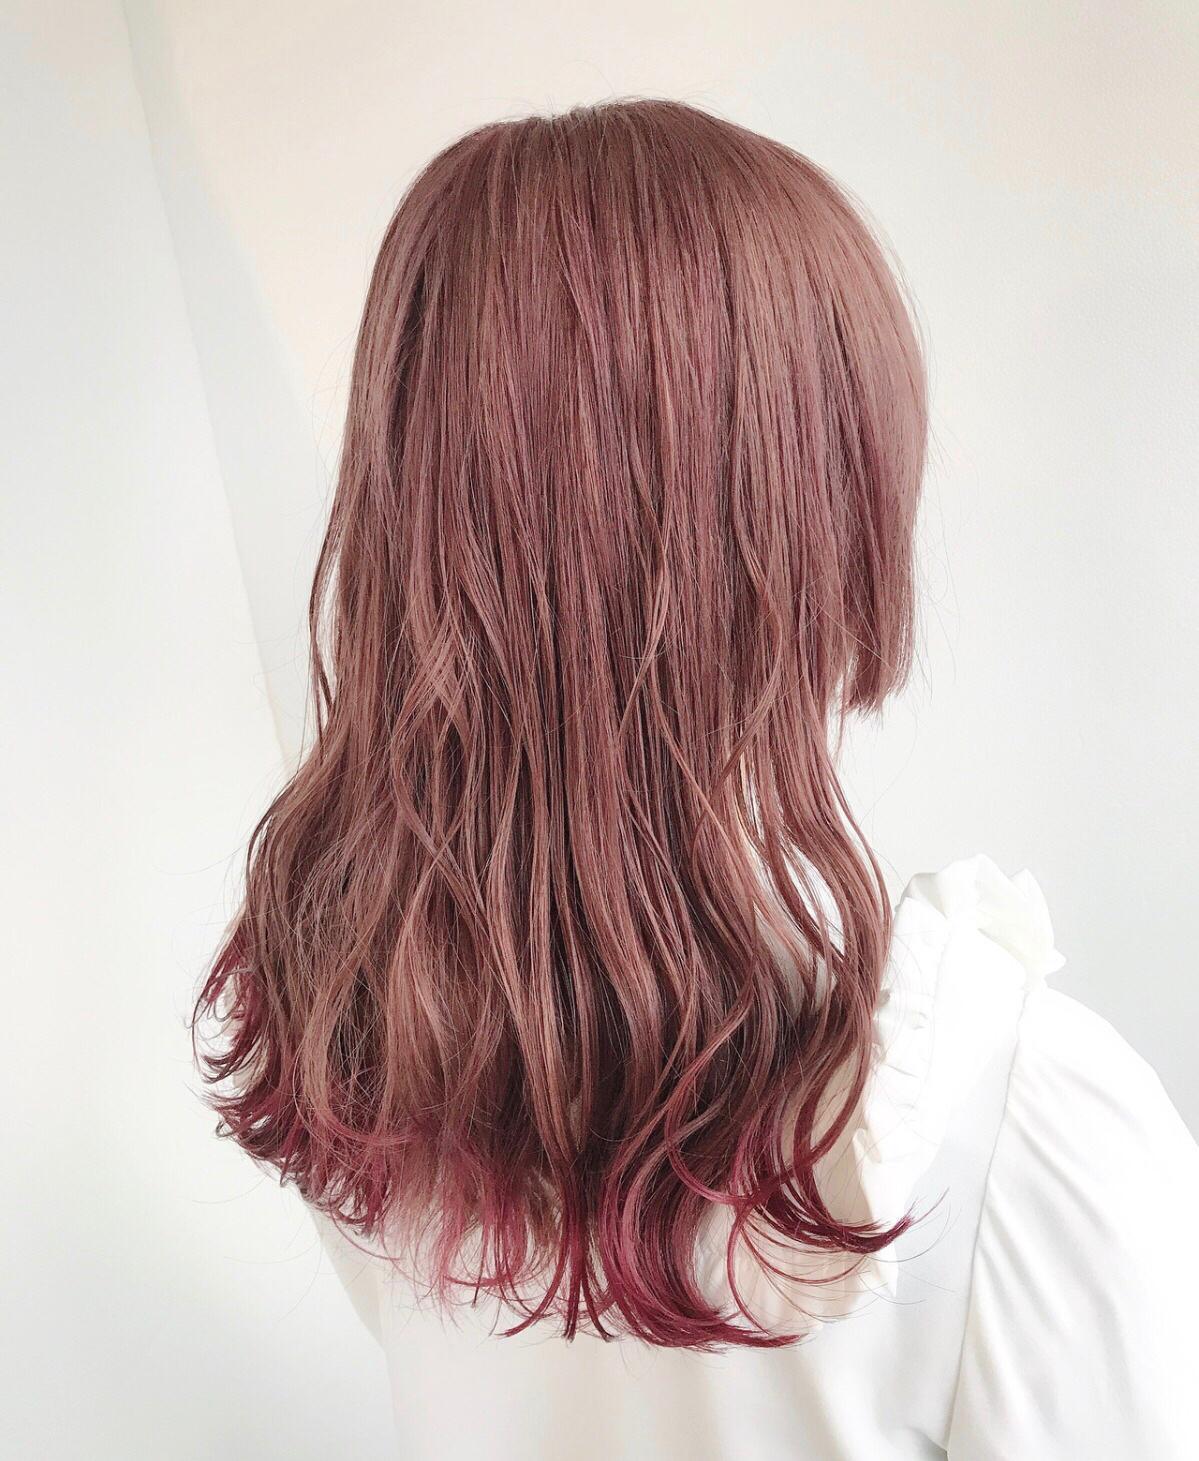 最新美髮作品✨ 日本溶濟PAIMORE熱療內捲✨ 為你改變造型❤ @ 香港美髮網 HK Hair Salon